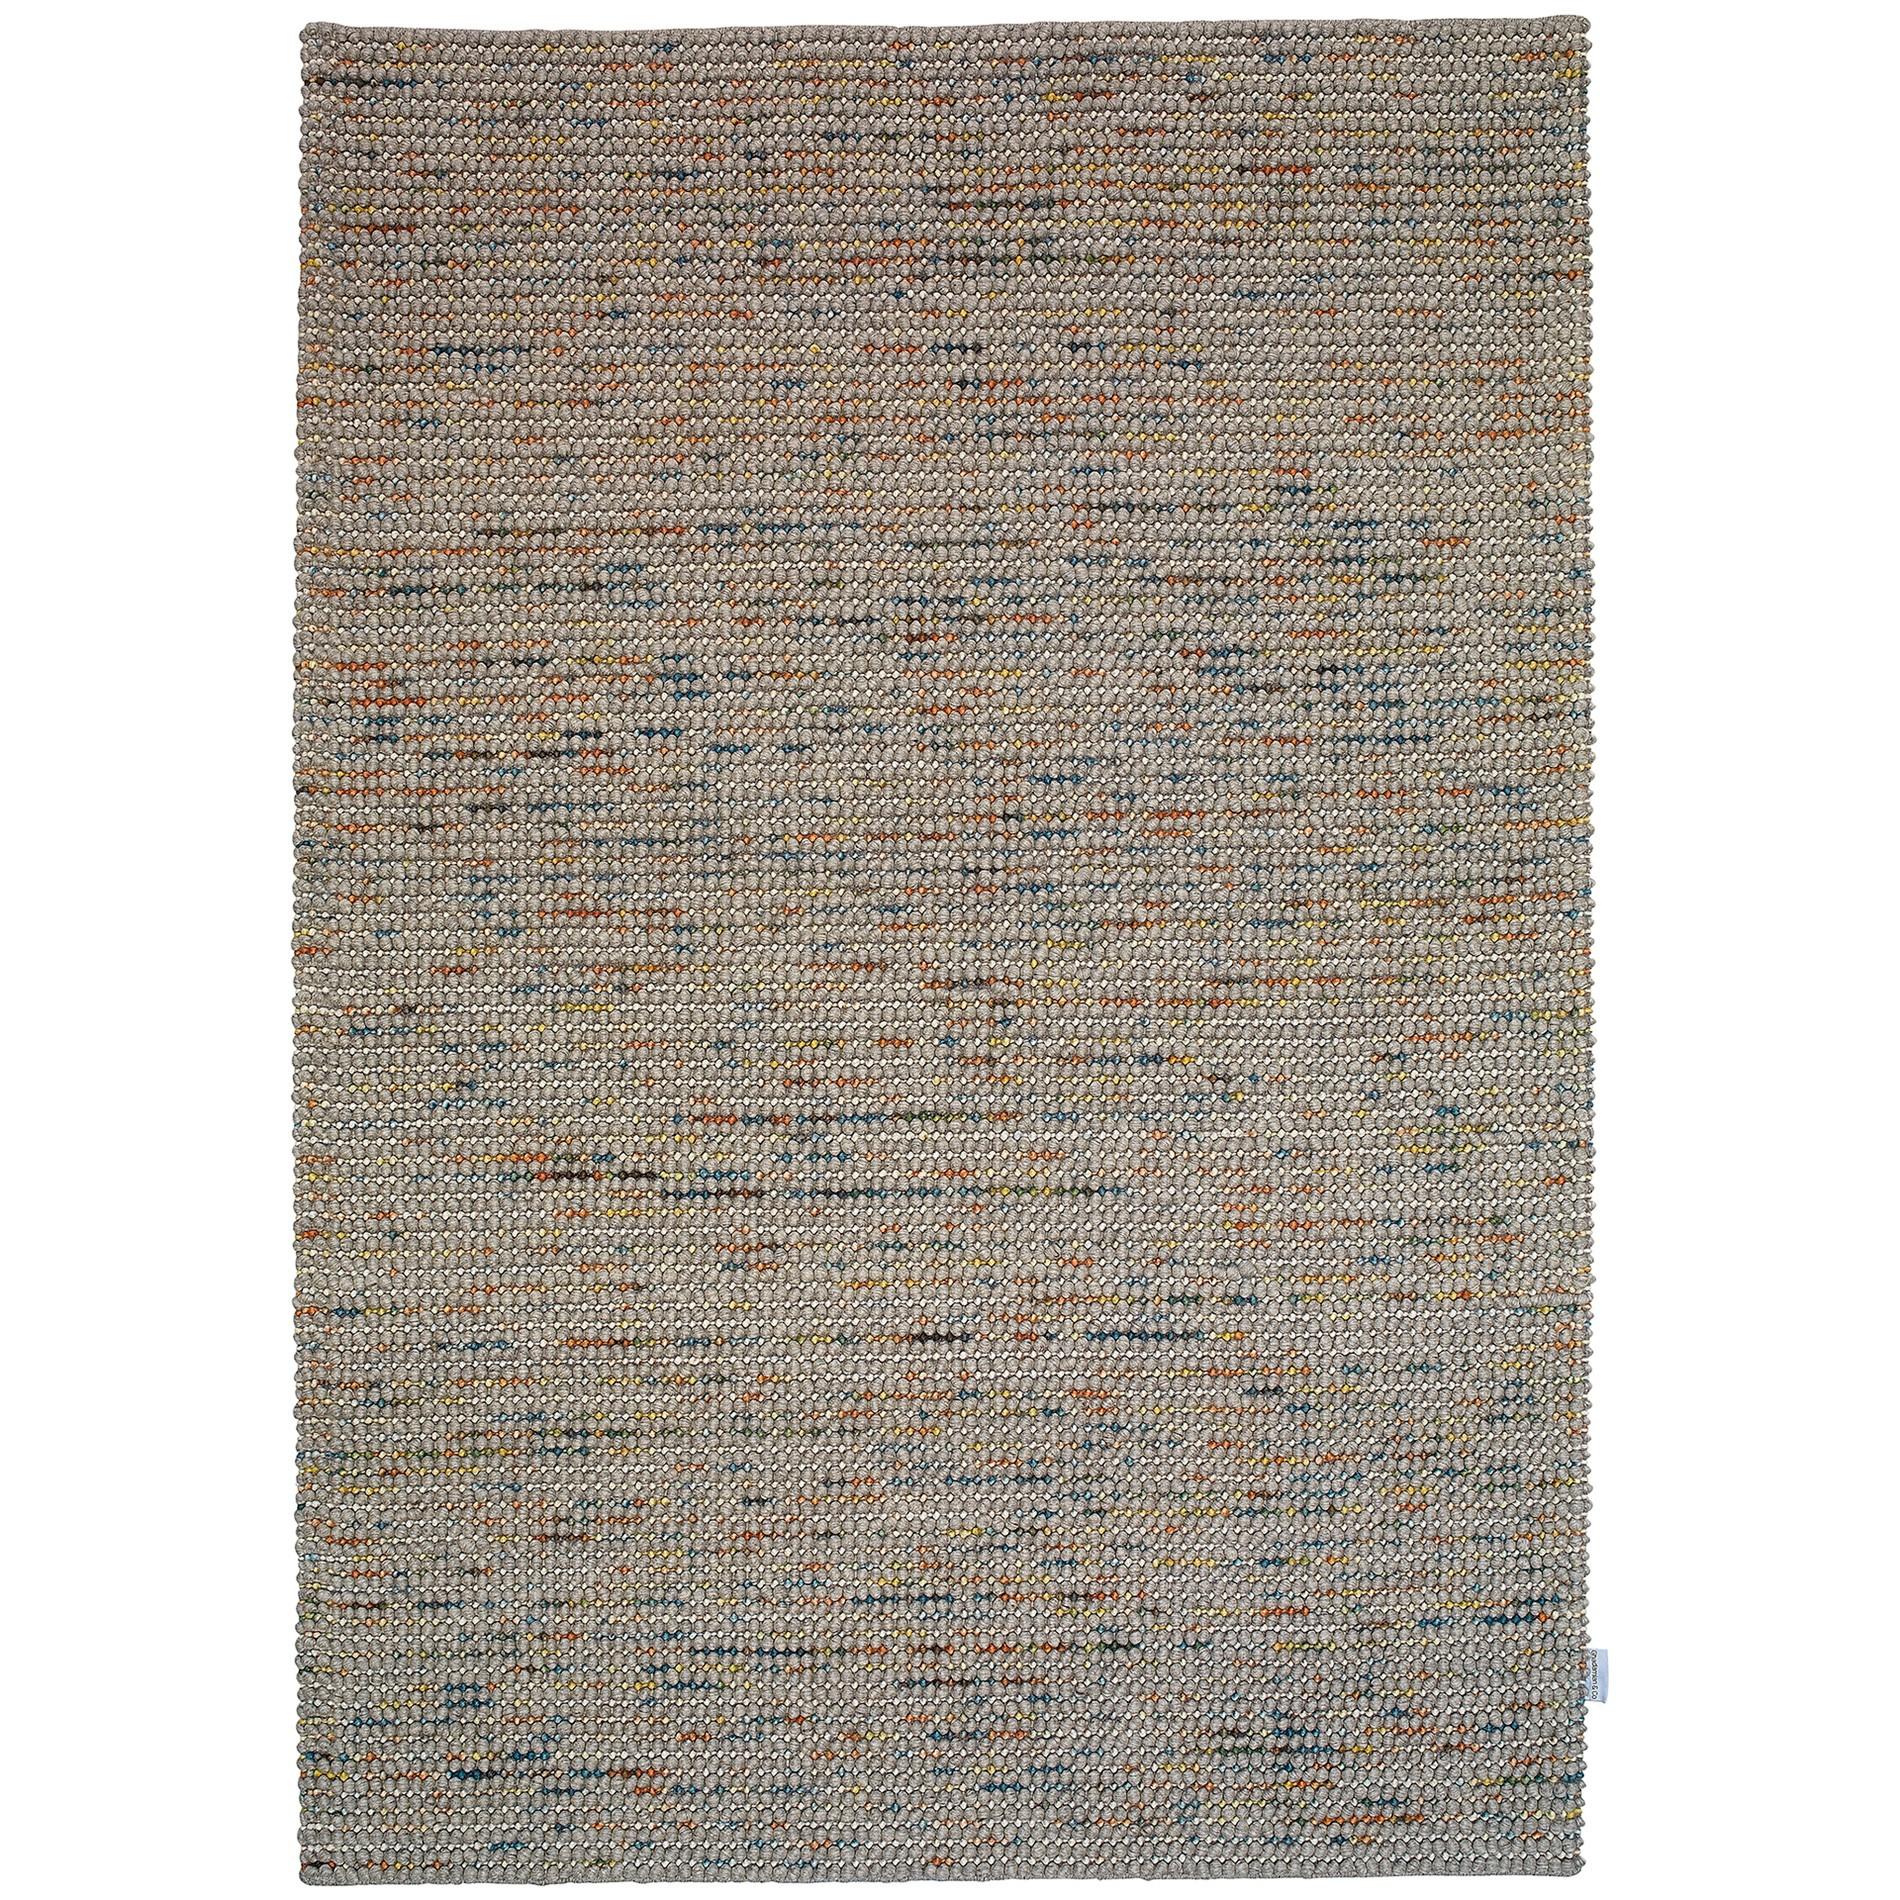 Candy No.171 Modern Wool Rug, 340x240cm, Grey / Multi